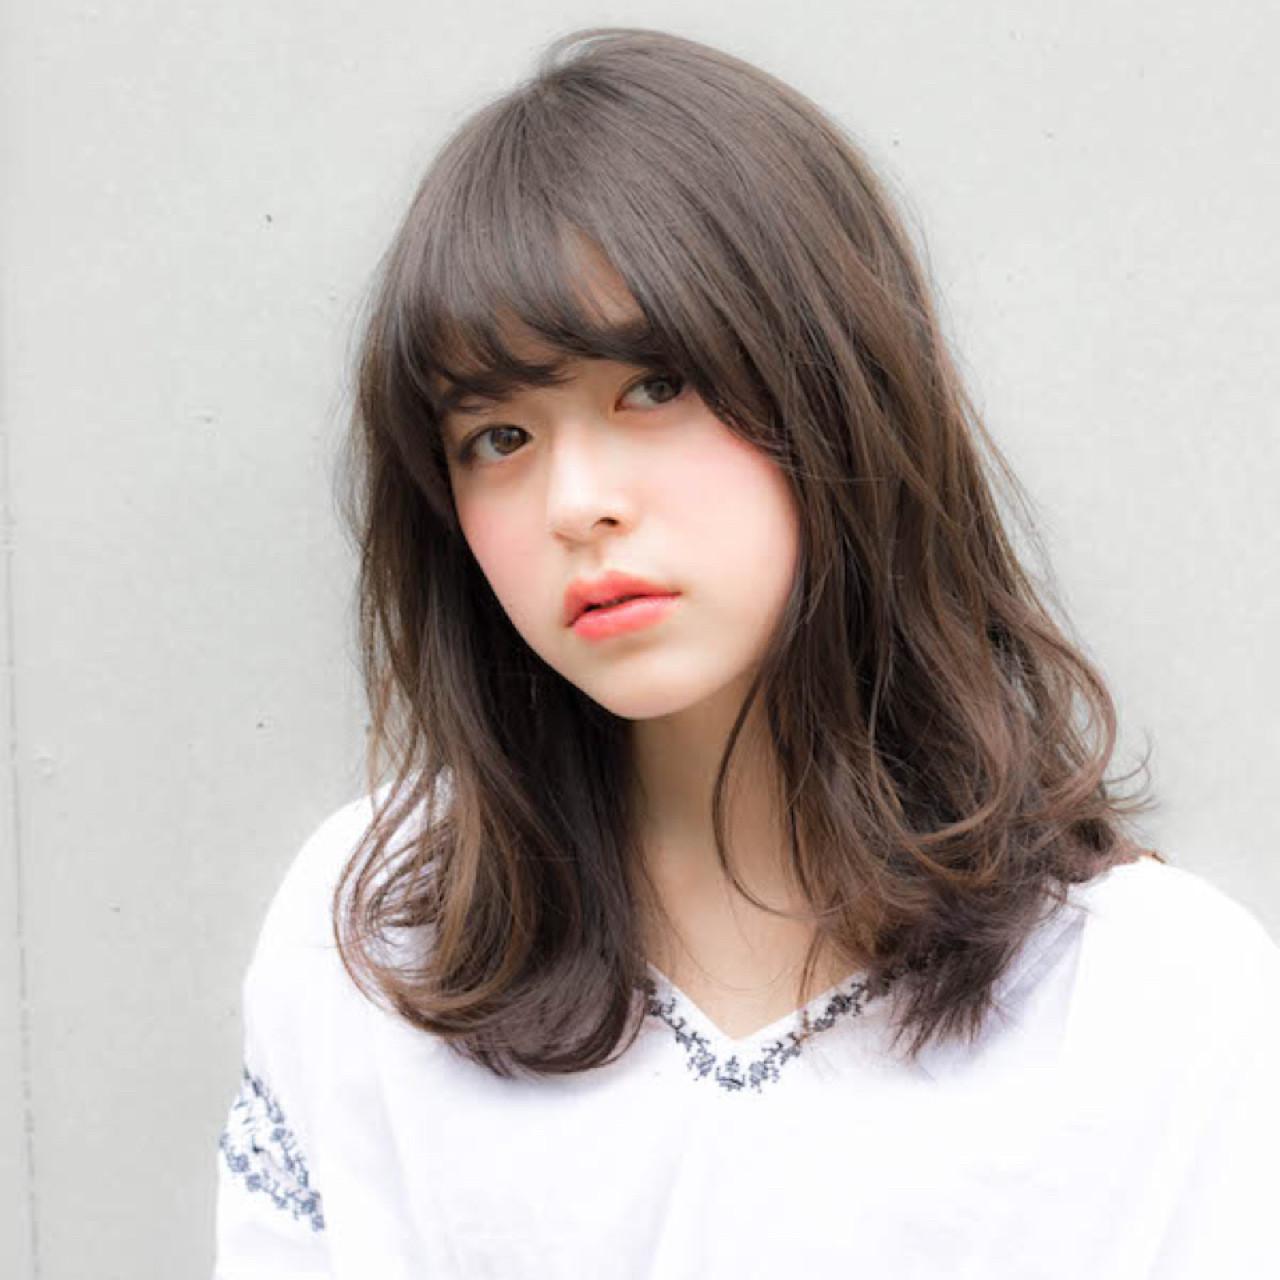 前髪あり グレージュ ゆるふわ 抜け感 ヘアスタイルや髪型の写真・画像 | 竹澤 優/relian青山Top stylist / relian青山